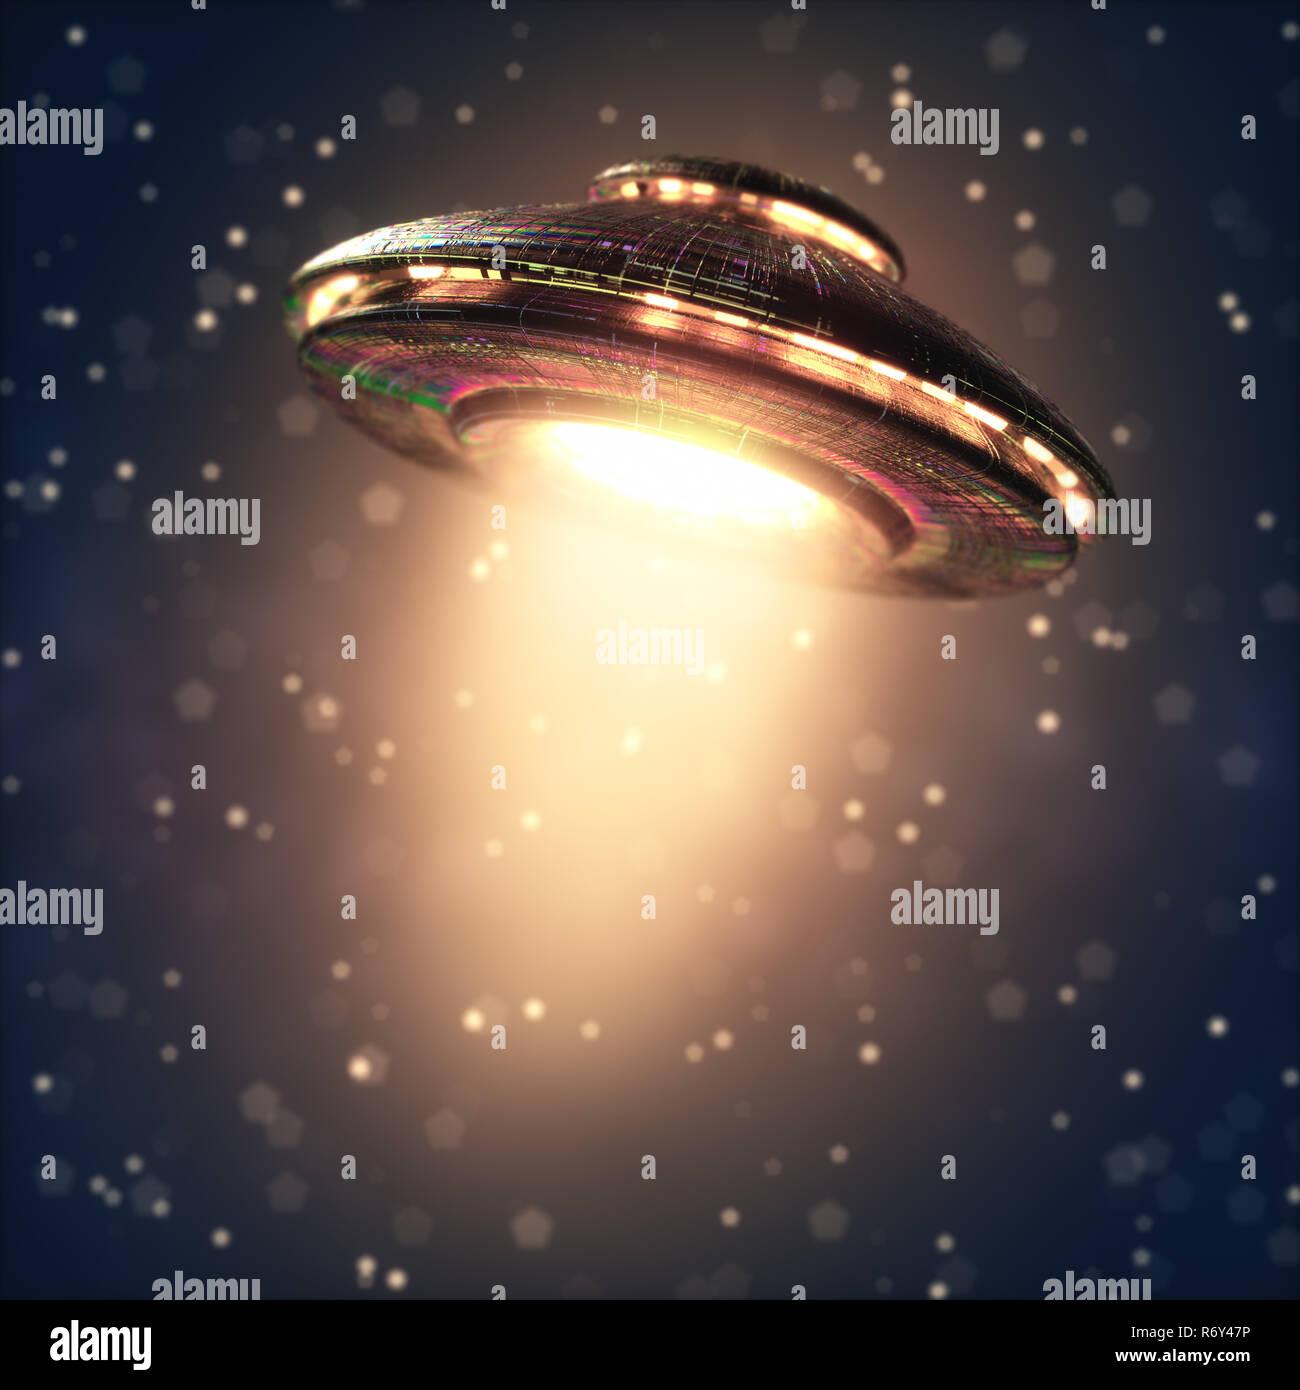 Extraterrestrial Spacecraft Jet Propulsion - Stock Image